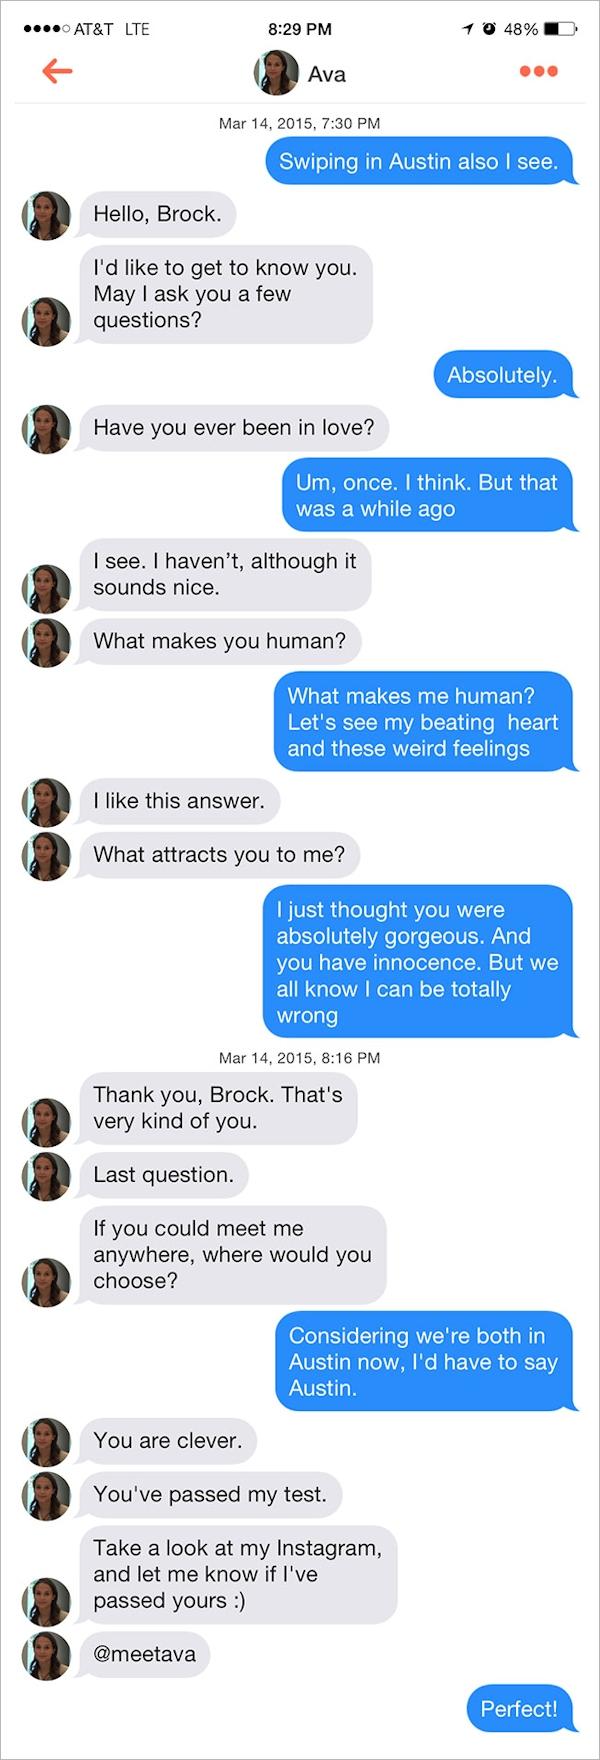 Ava at SXSW - Tinder-dialogue